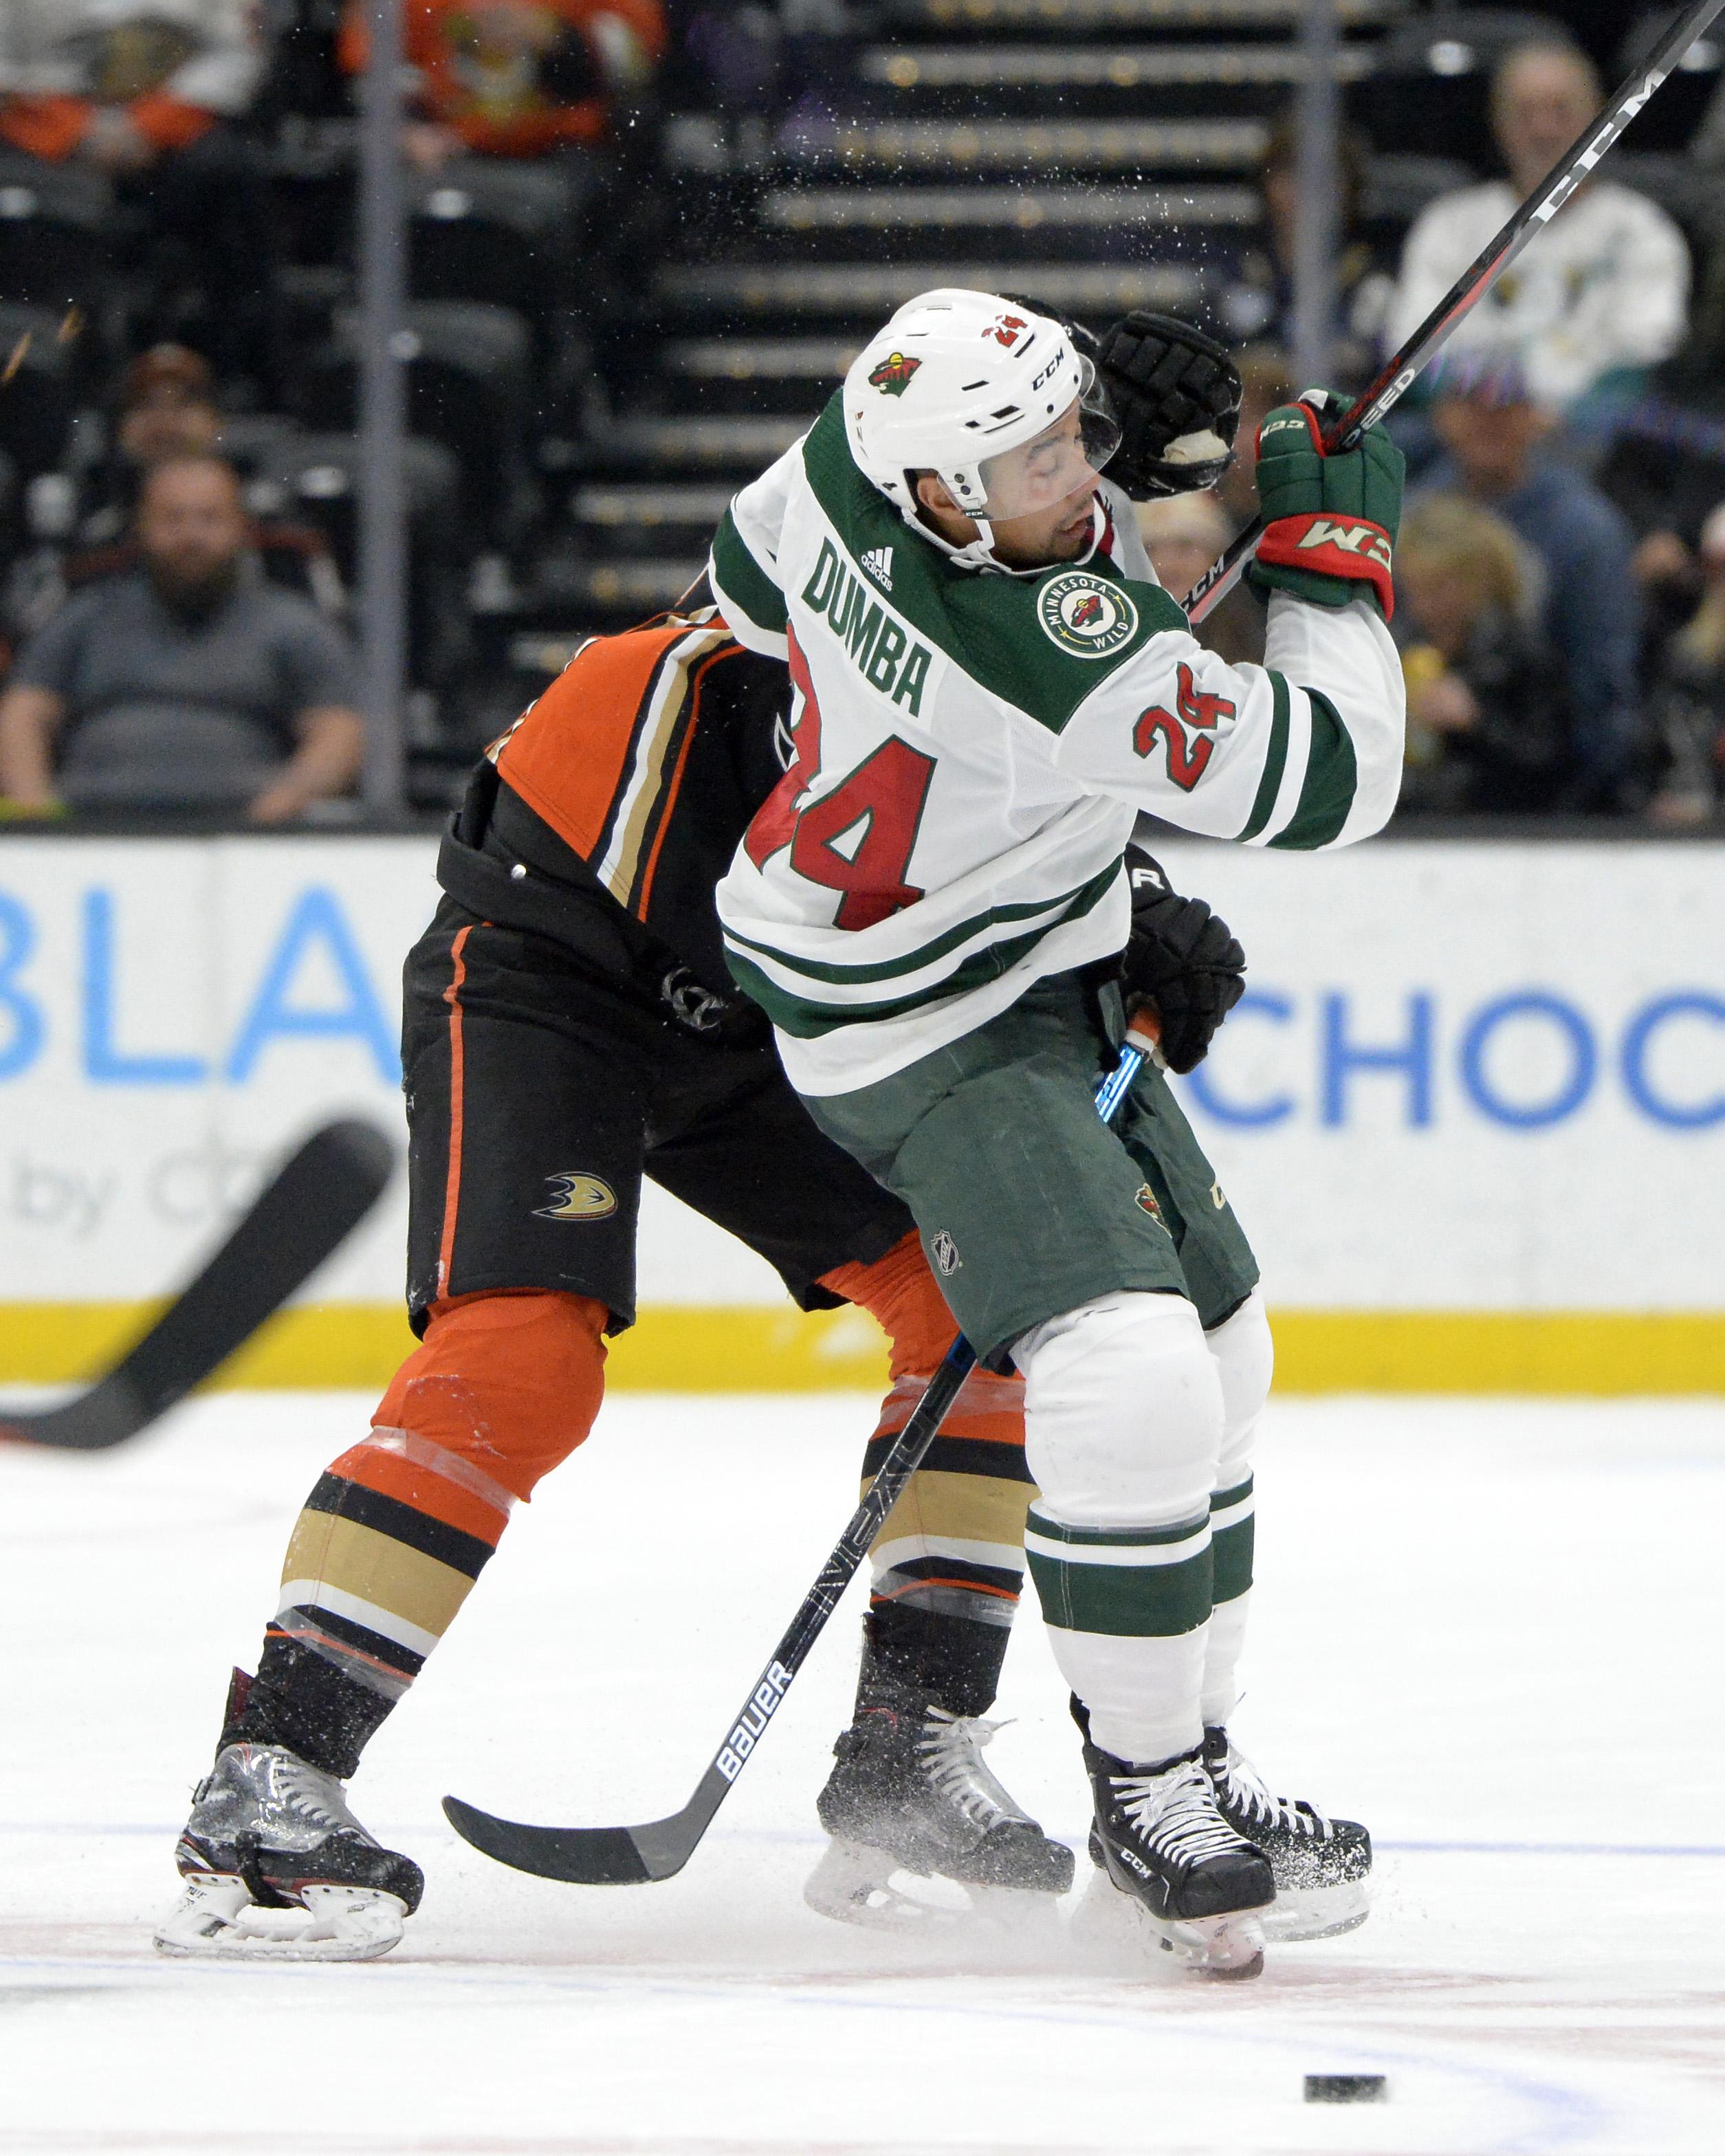 Game Preview: Minnesota Wild vs. Anaheim Ducks 11/5/19 @ 9:00PM CST at Honda Center